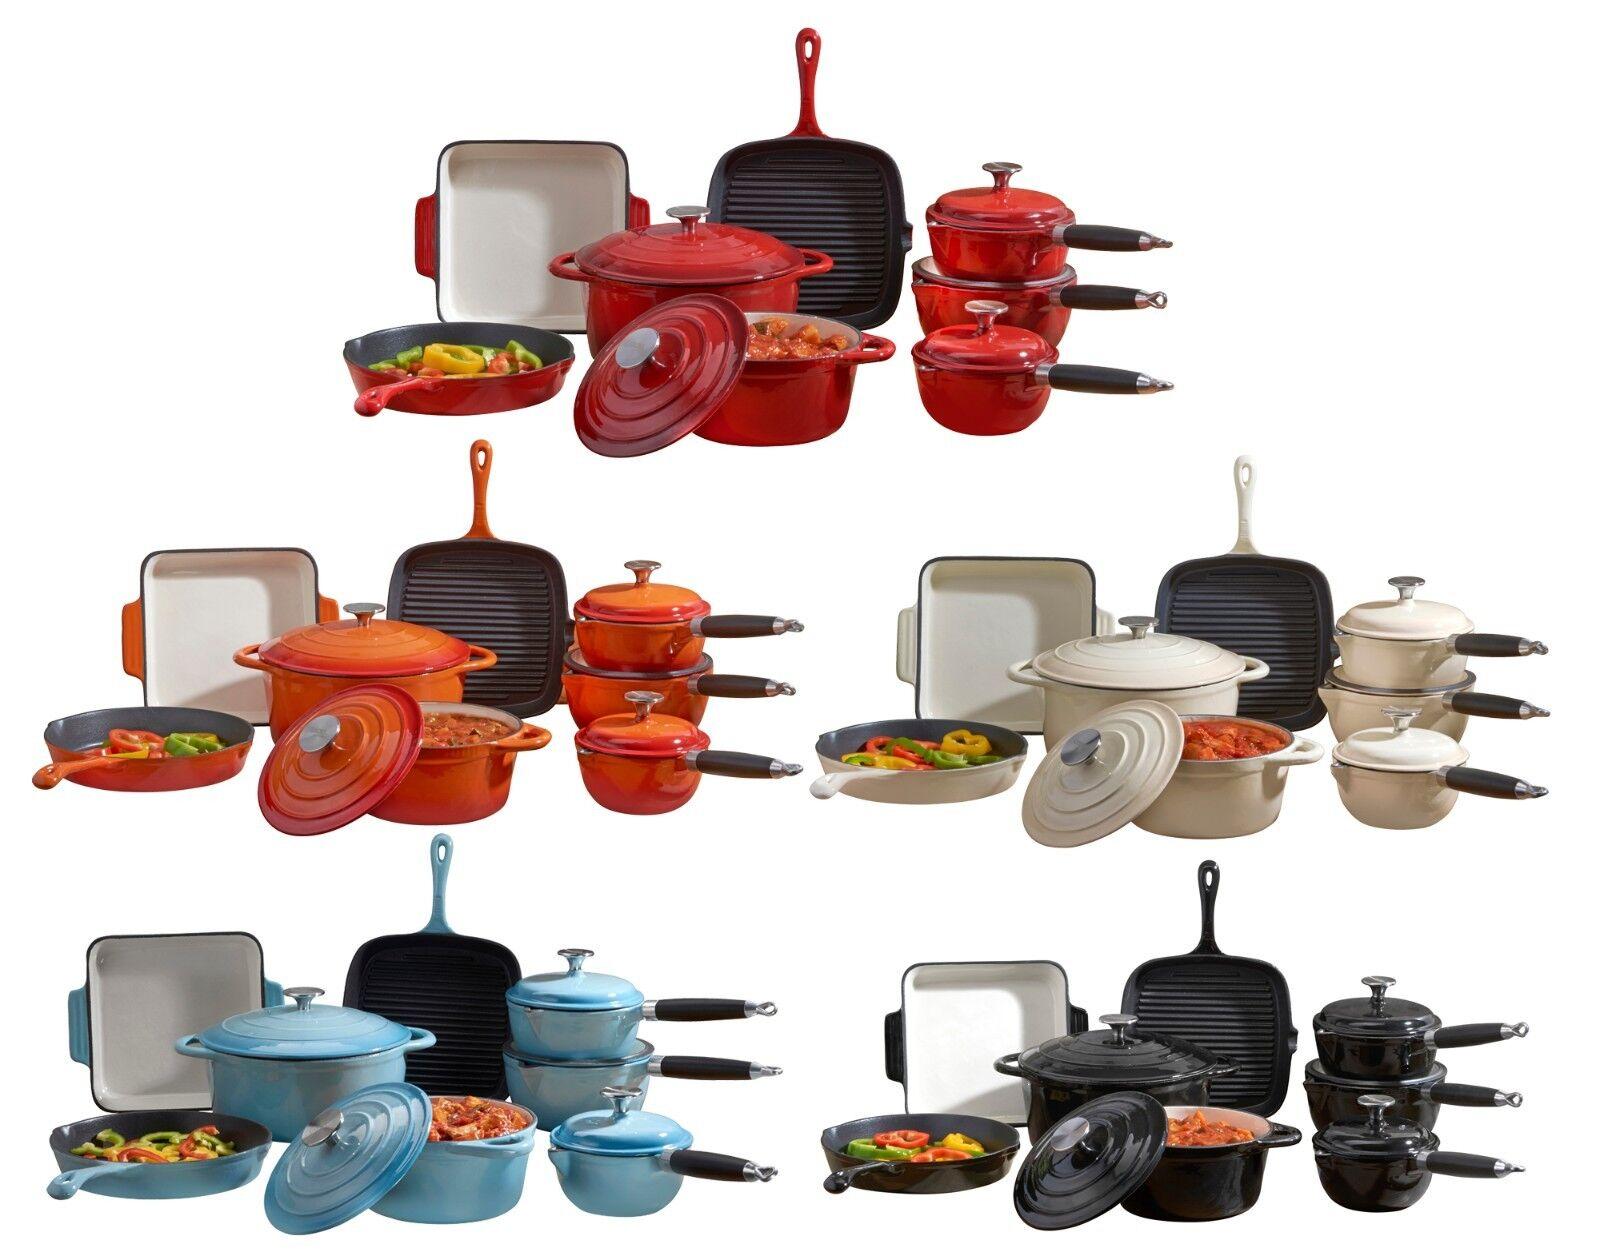 Deluxe fonte émail Cookware Set Cocotte Crêpière Casseroles Pot 3 5 8 Pièce